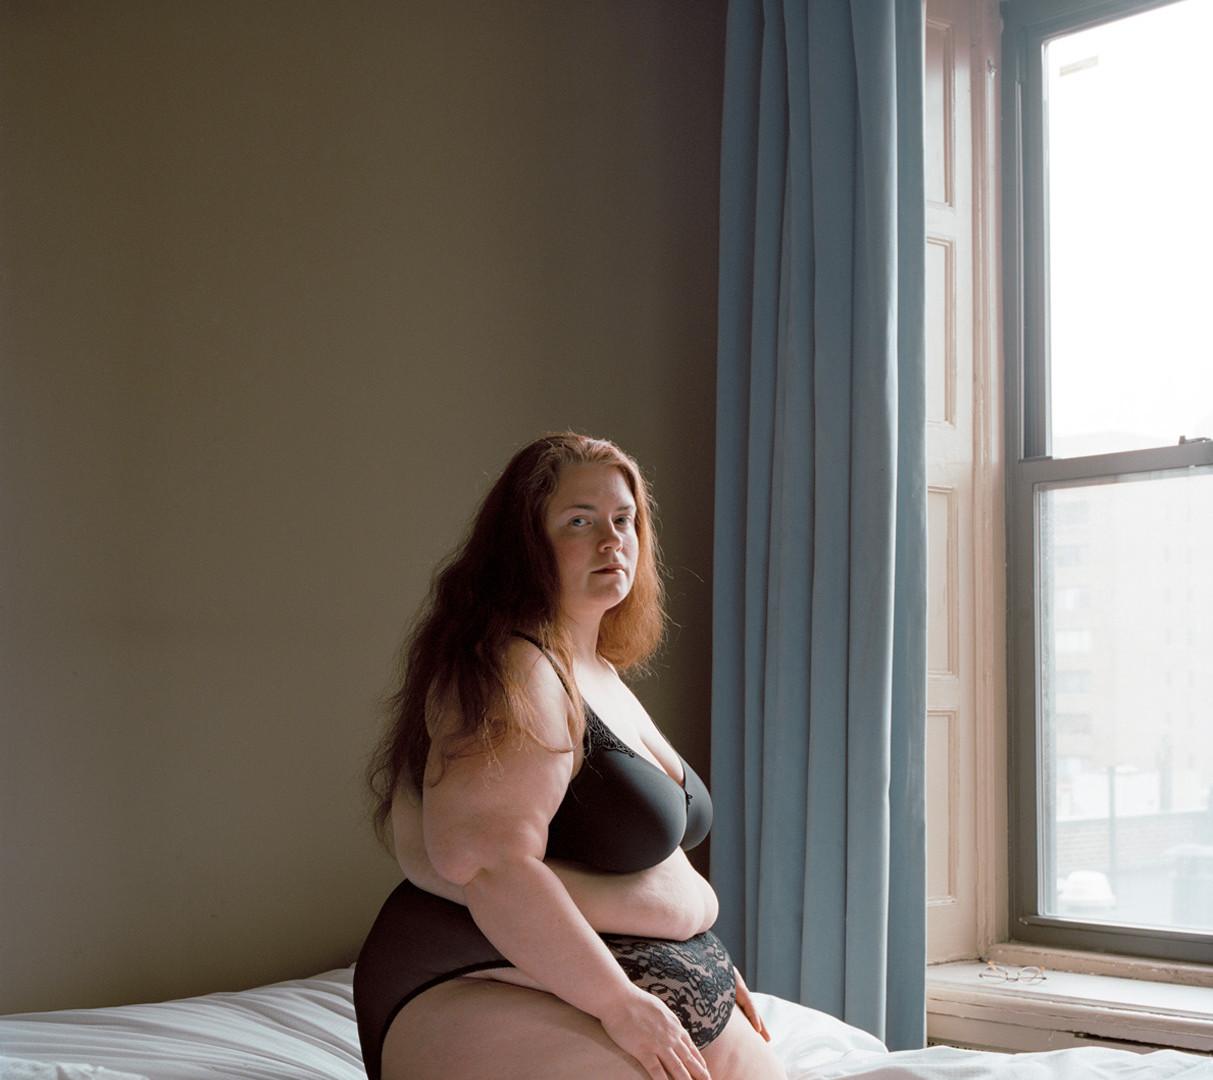 Jocelyn Lee, Untitled (Susie at Chelsea Hotel), 2009